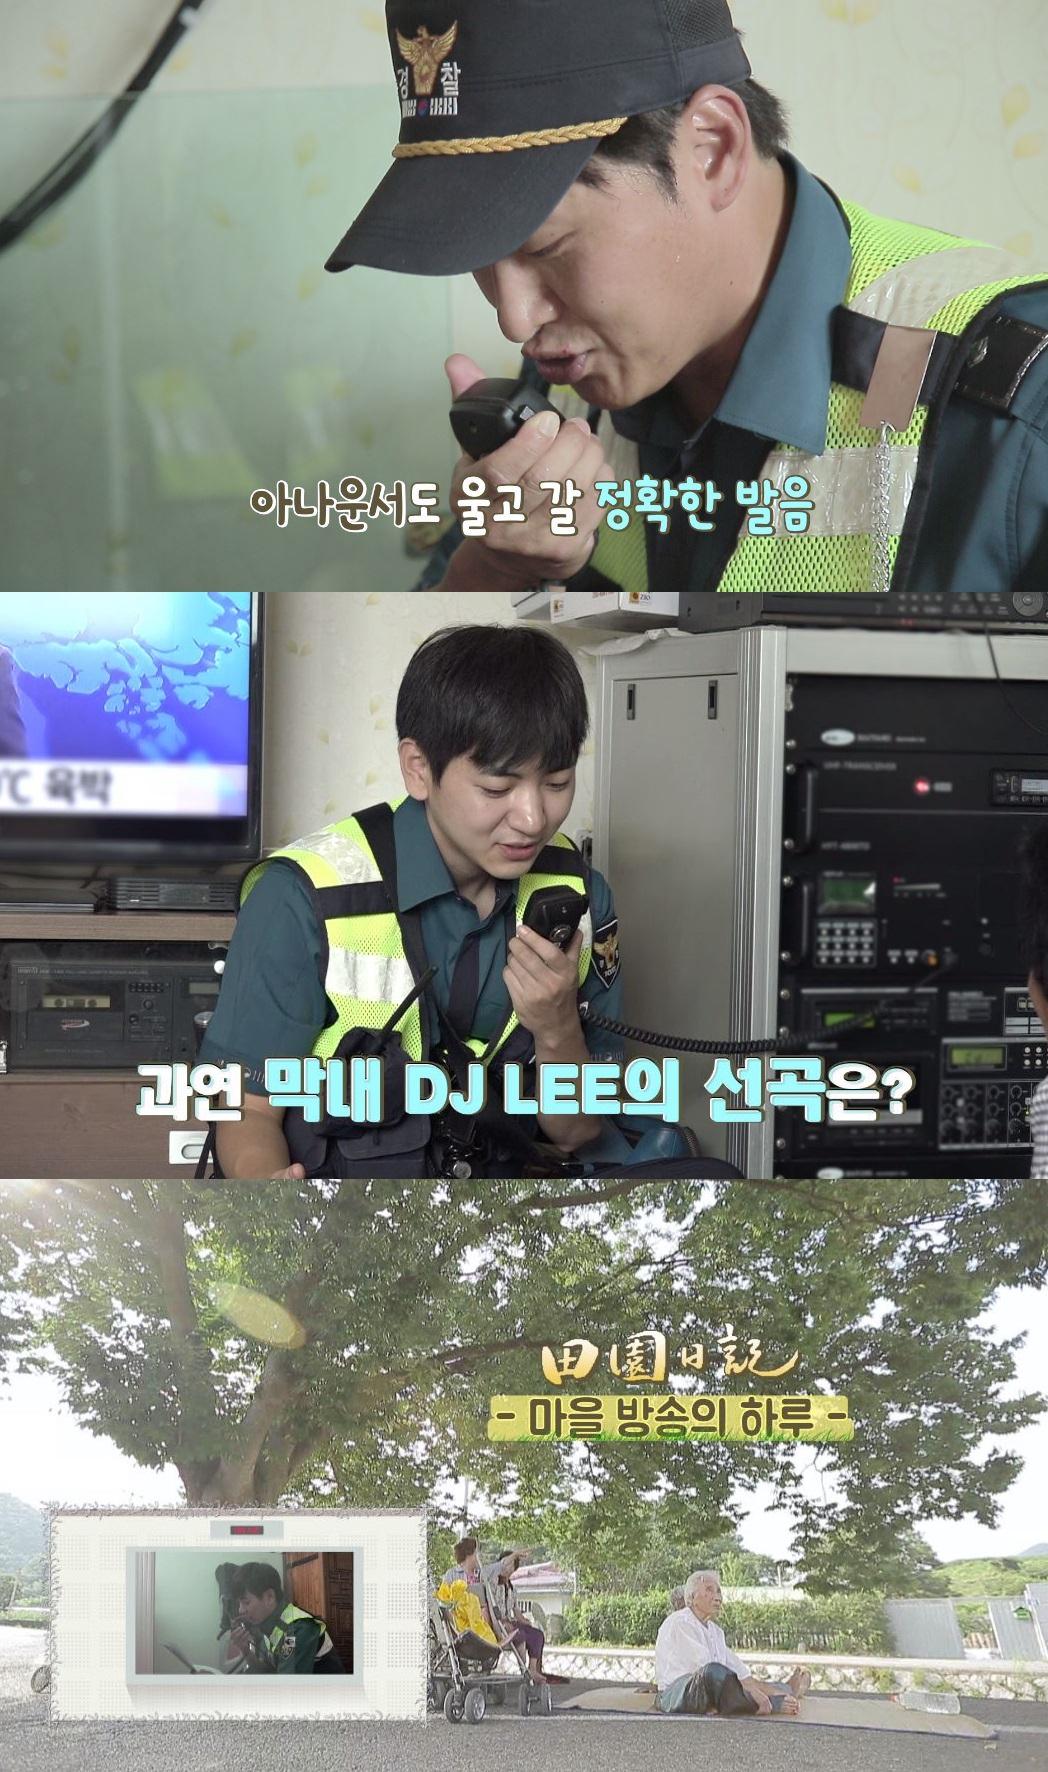 <시골경찰> 오대환-이주승, 마을 방송 도전! '따듯한 마음 울려 퍼진다'